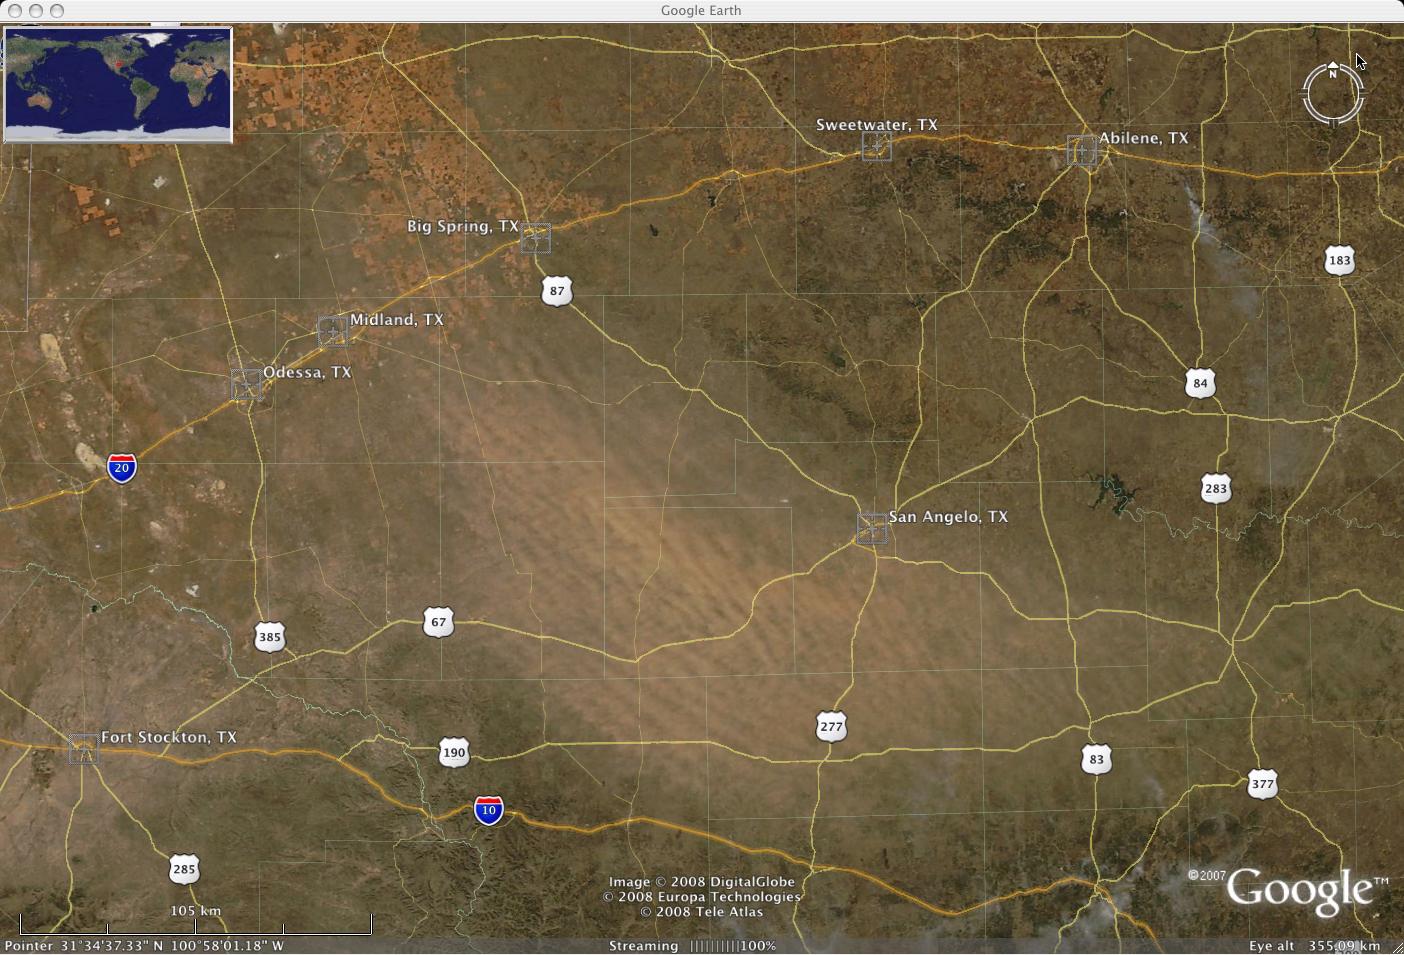 MODIS true color image (Google Earth)